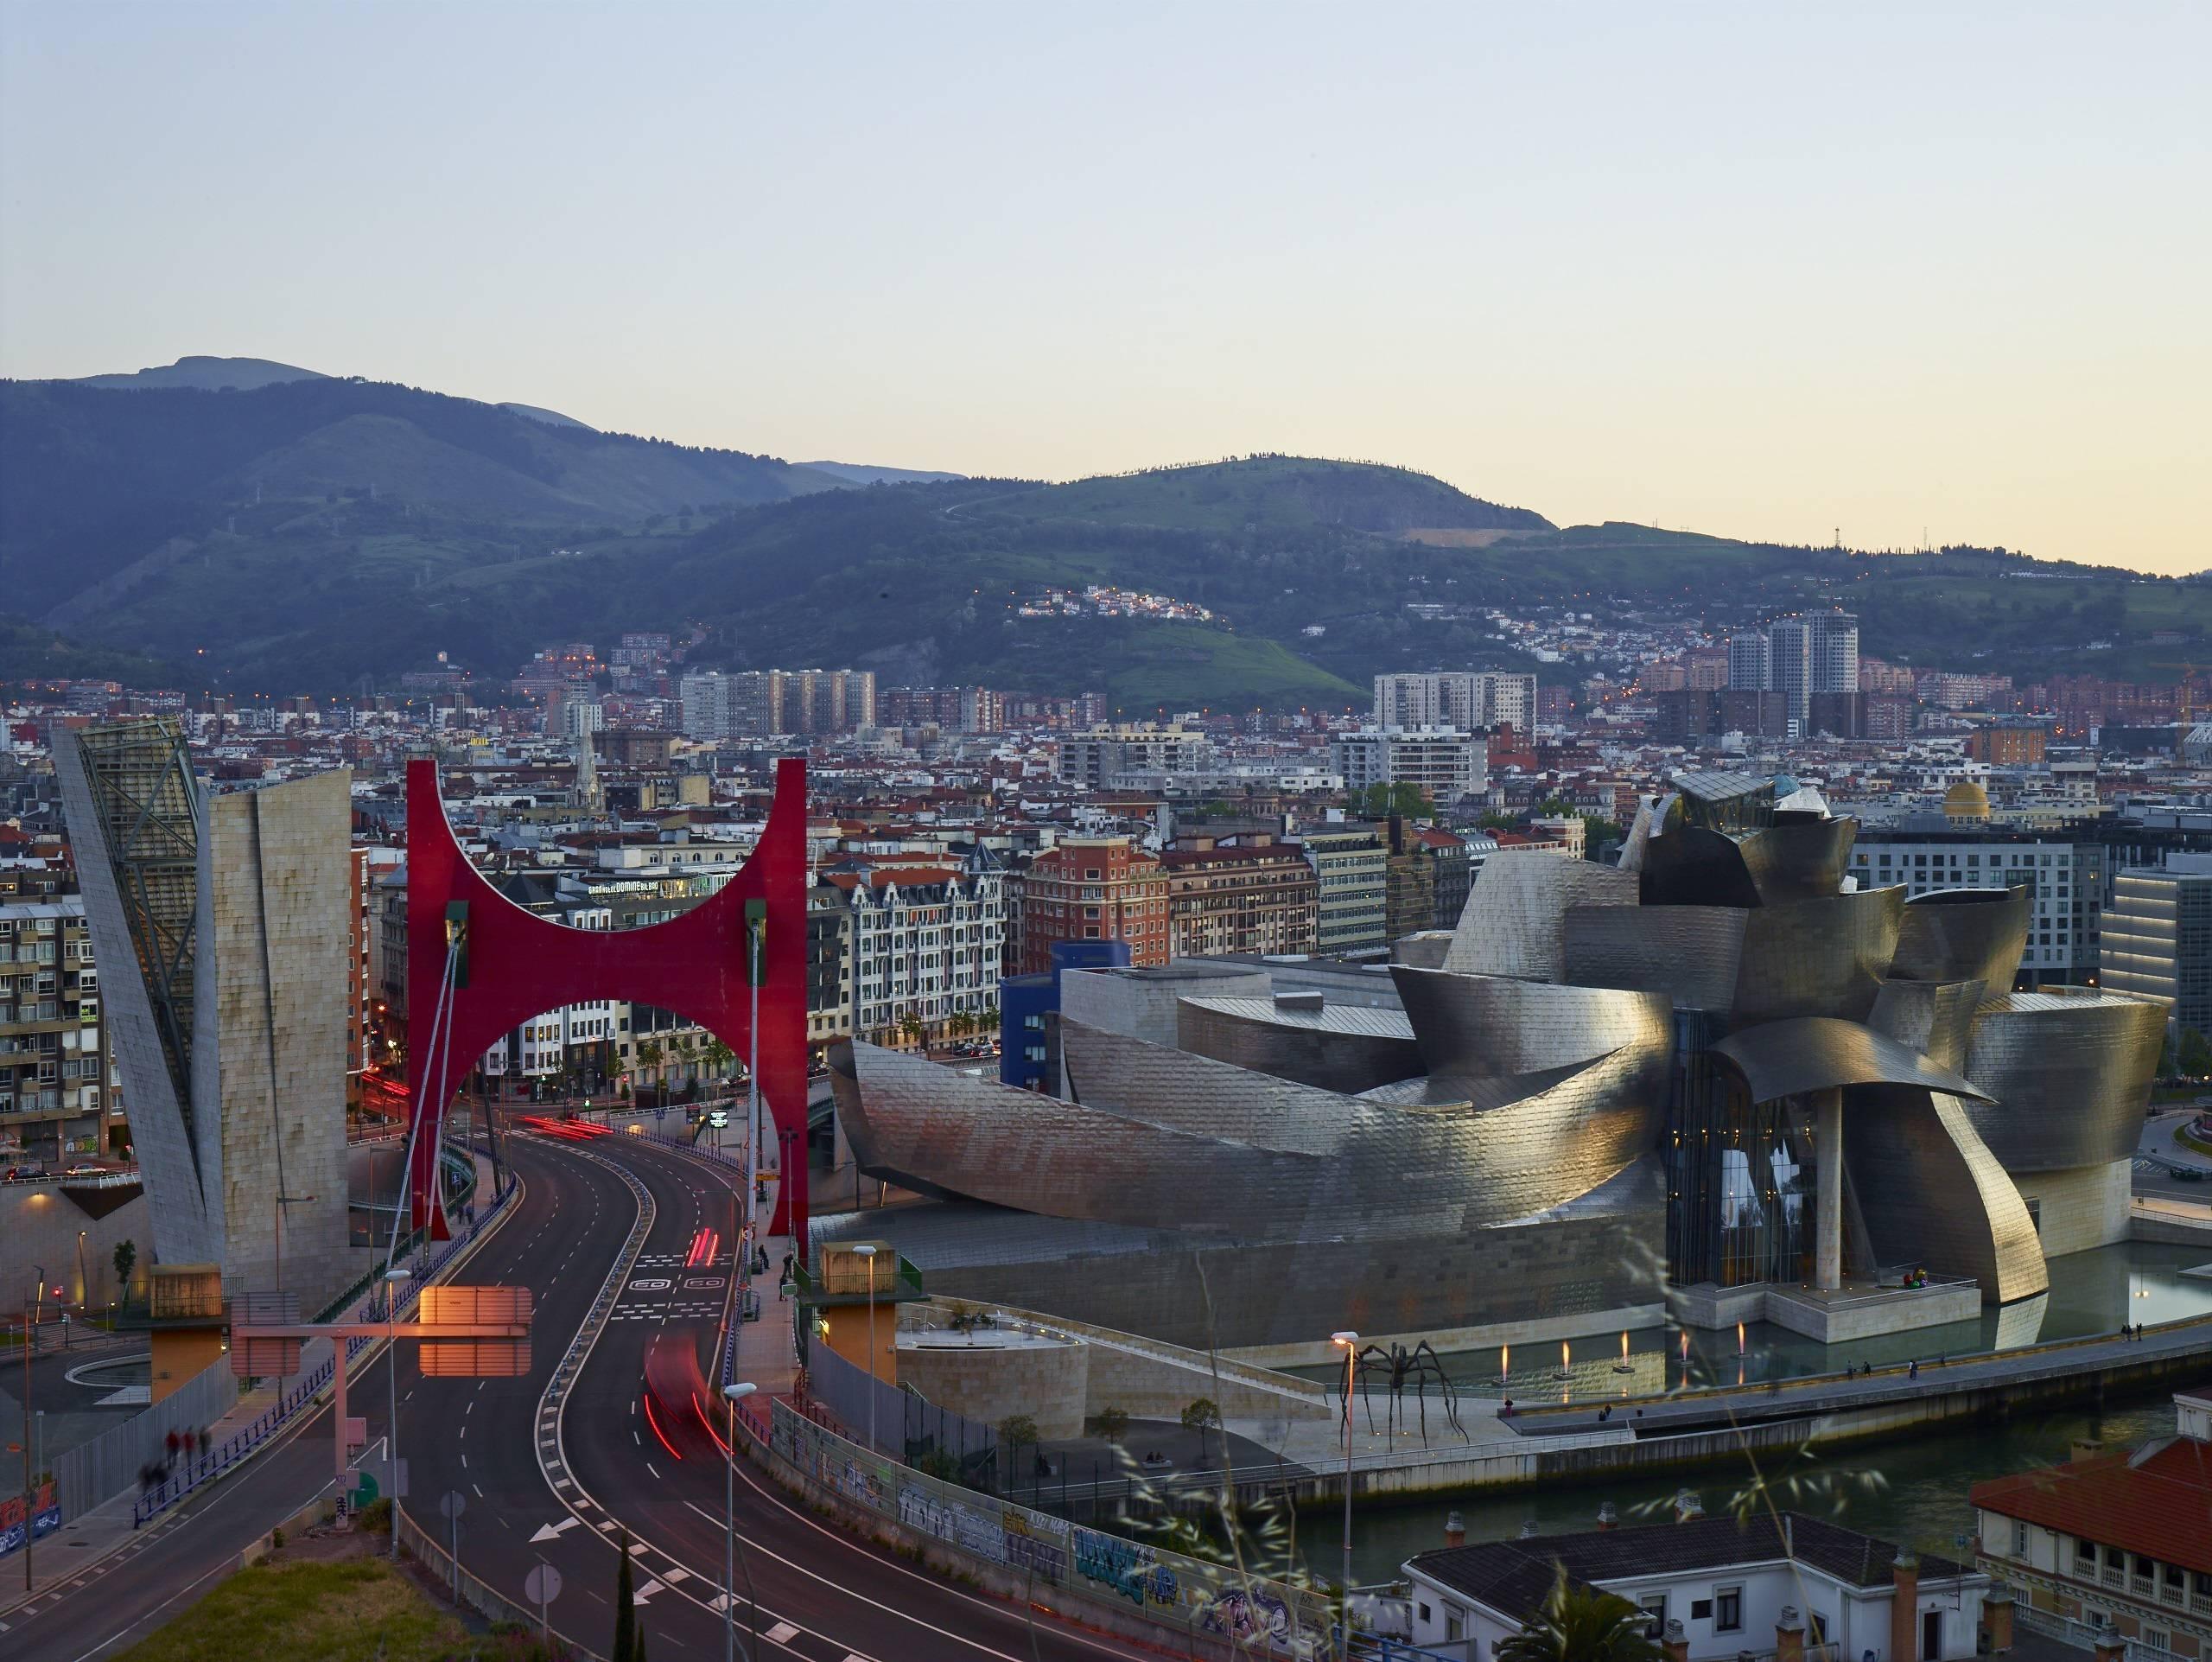 Топ 20 — достопримечательности бильбао (испания) - фото, описание, что посмотреть в бильбао